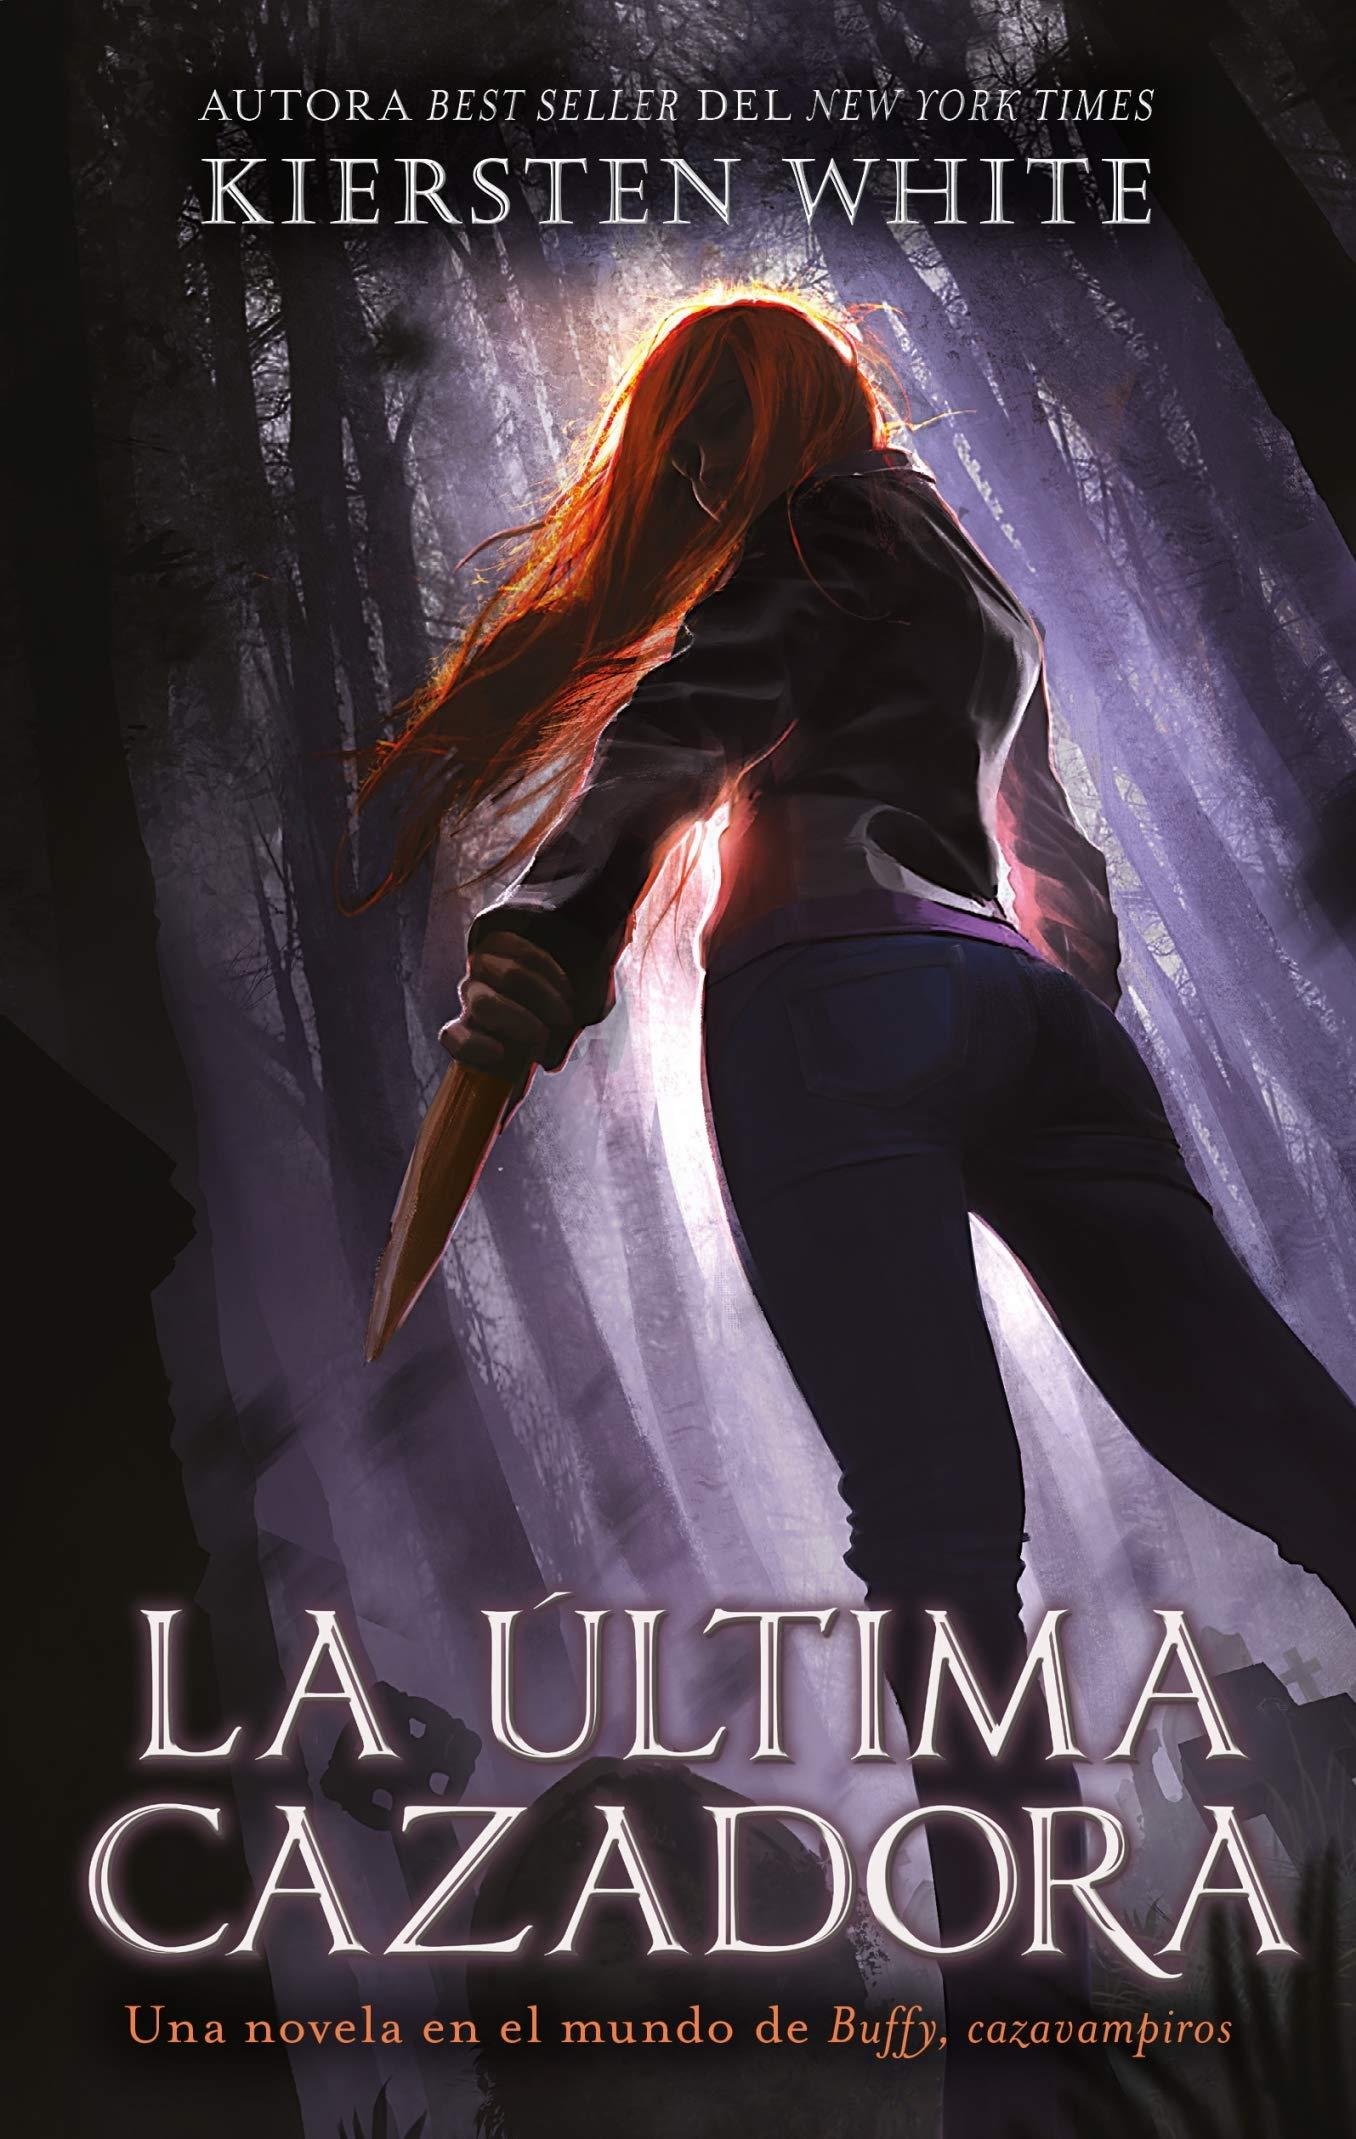 Portada libro - La última cazadora